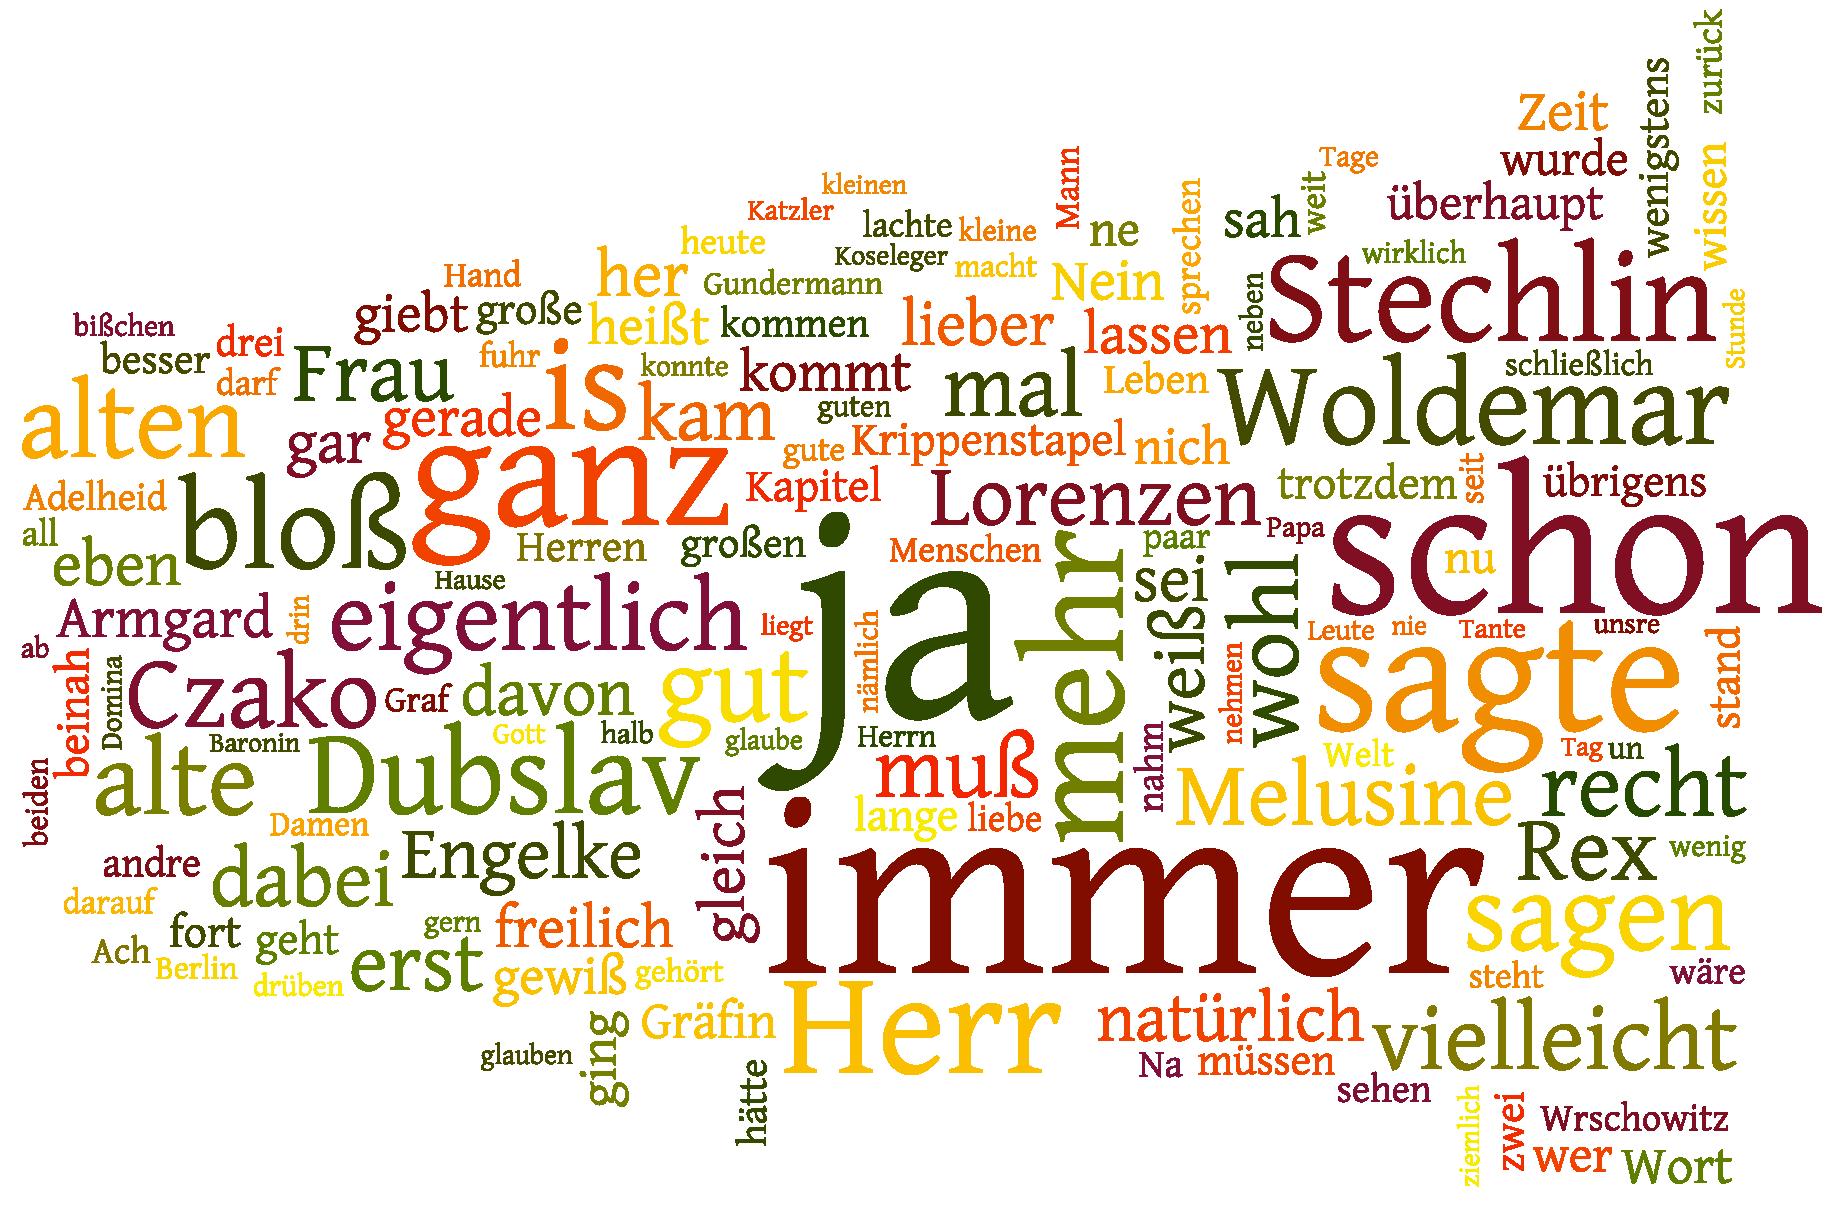 Der Stechlin dargestellt von Wordle